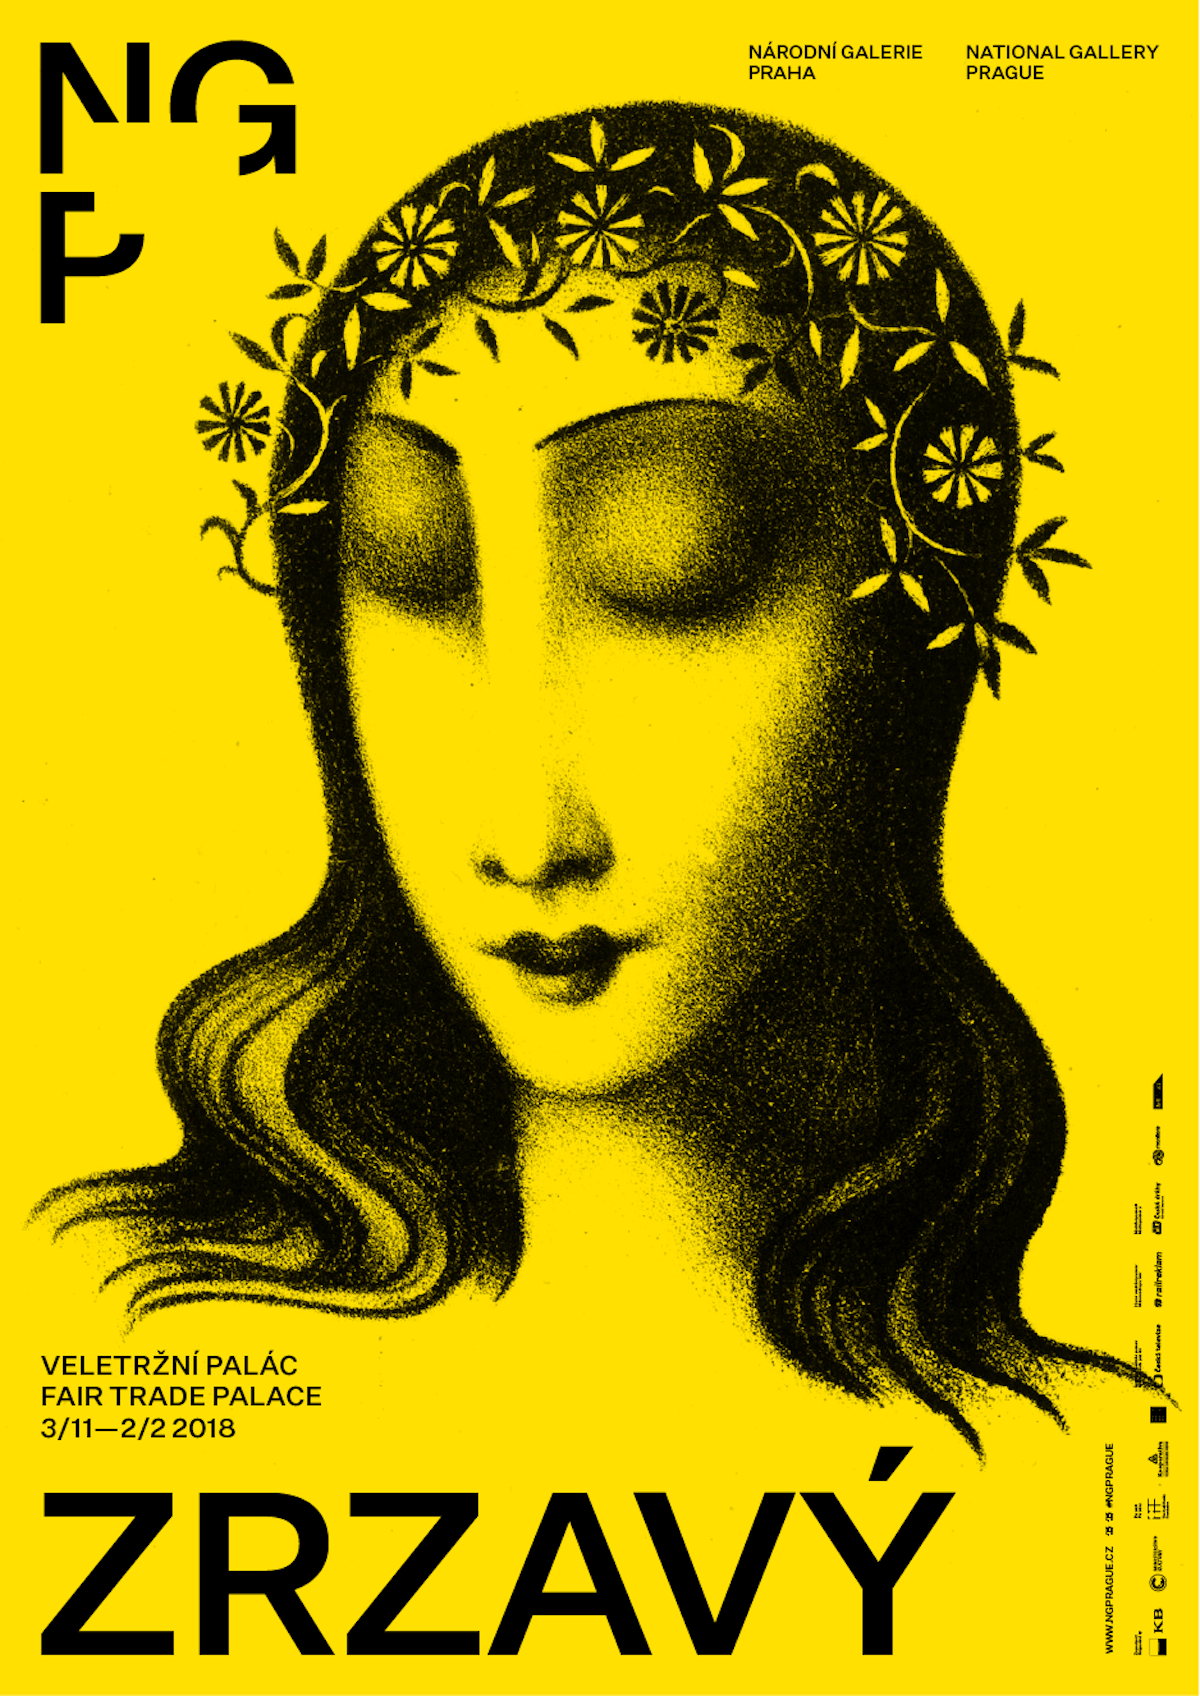 Vizuální identita Národní galerie Praha podle návrhu Studia Najbrt